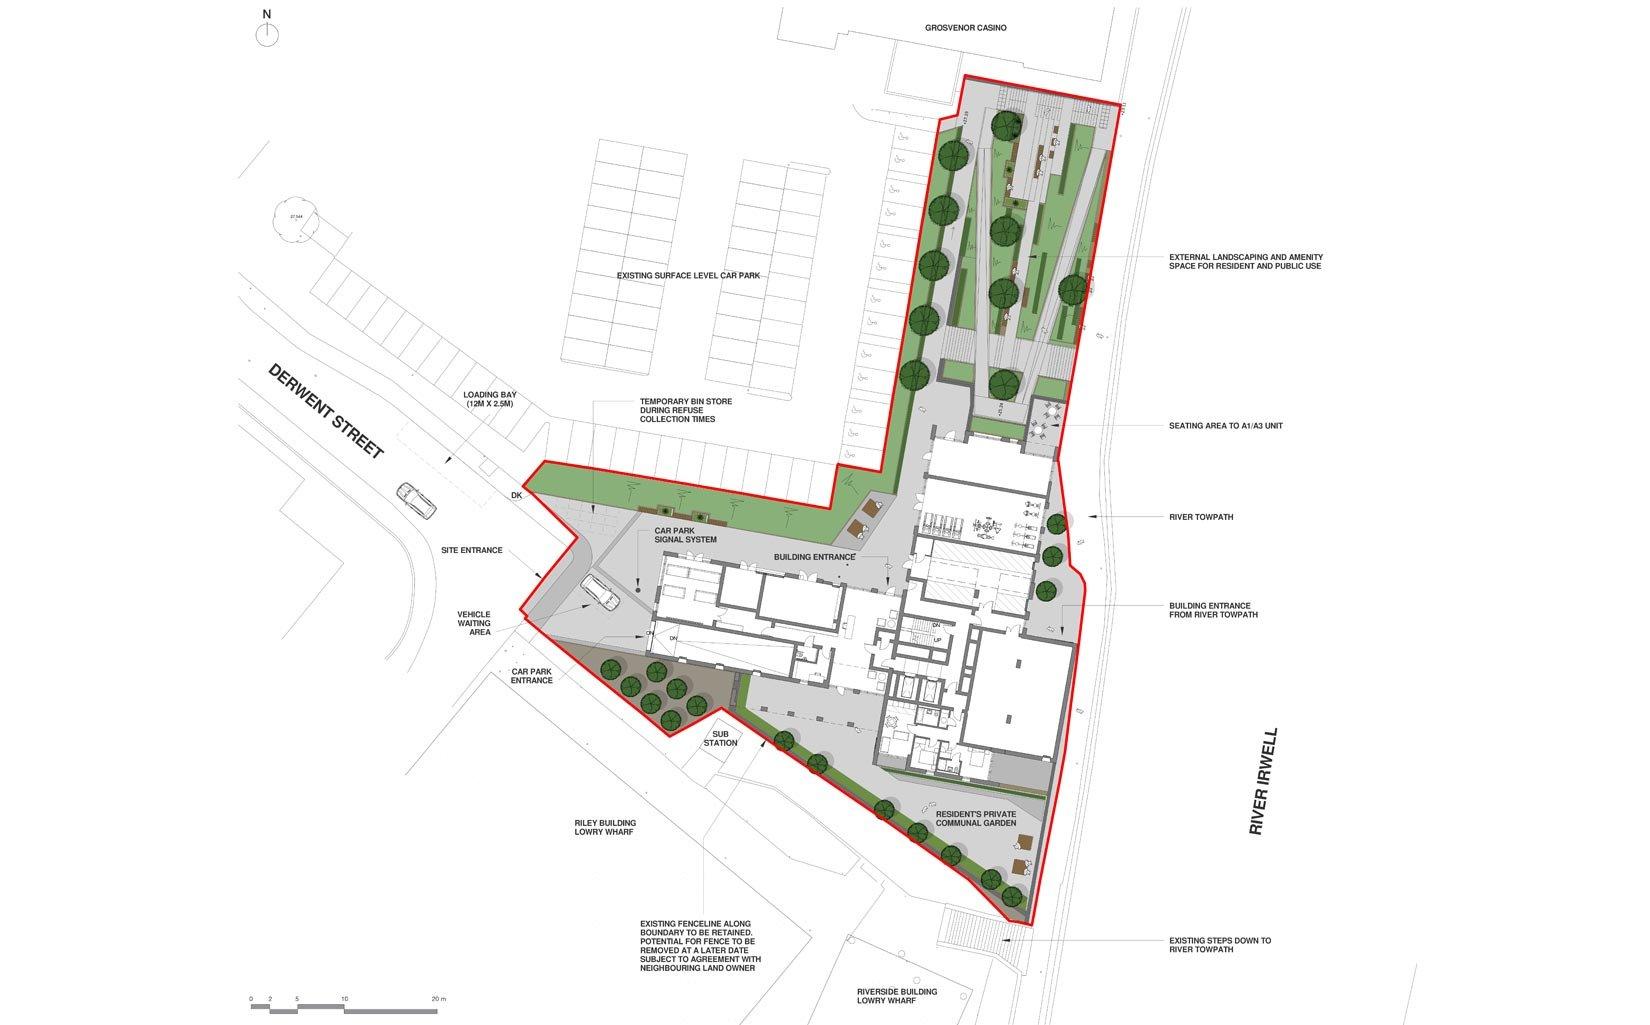 River Plaza, Derwent Street, Salford, Site Plan